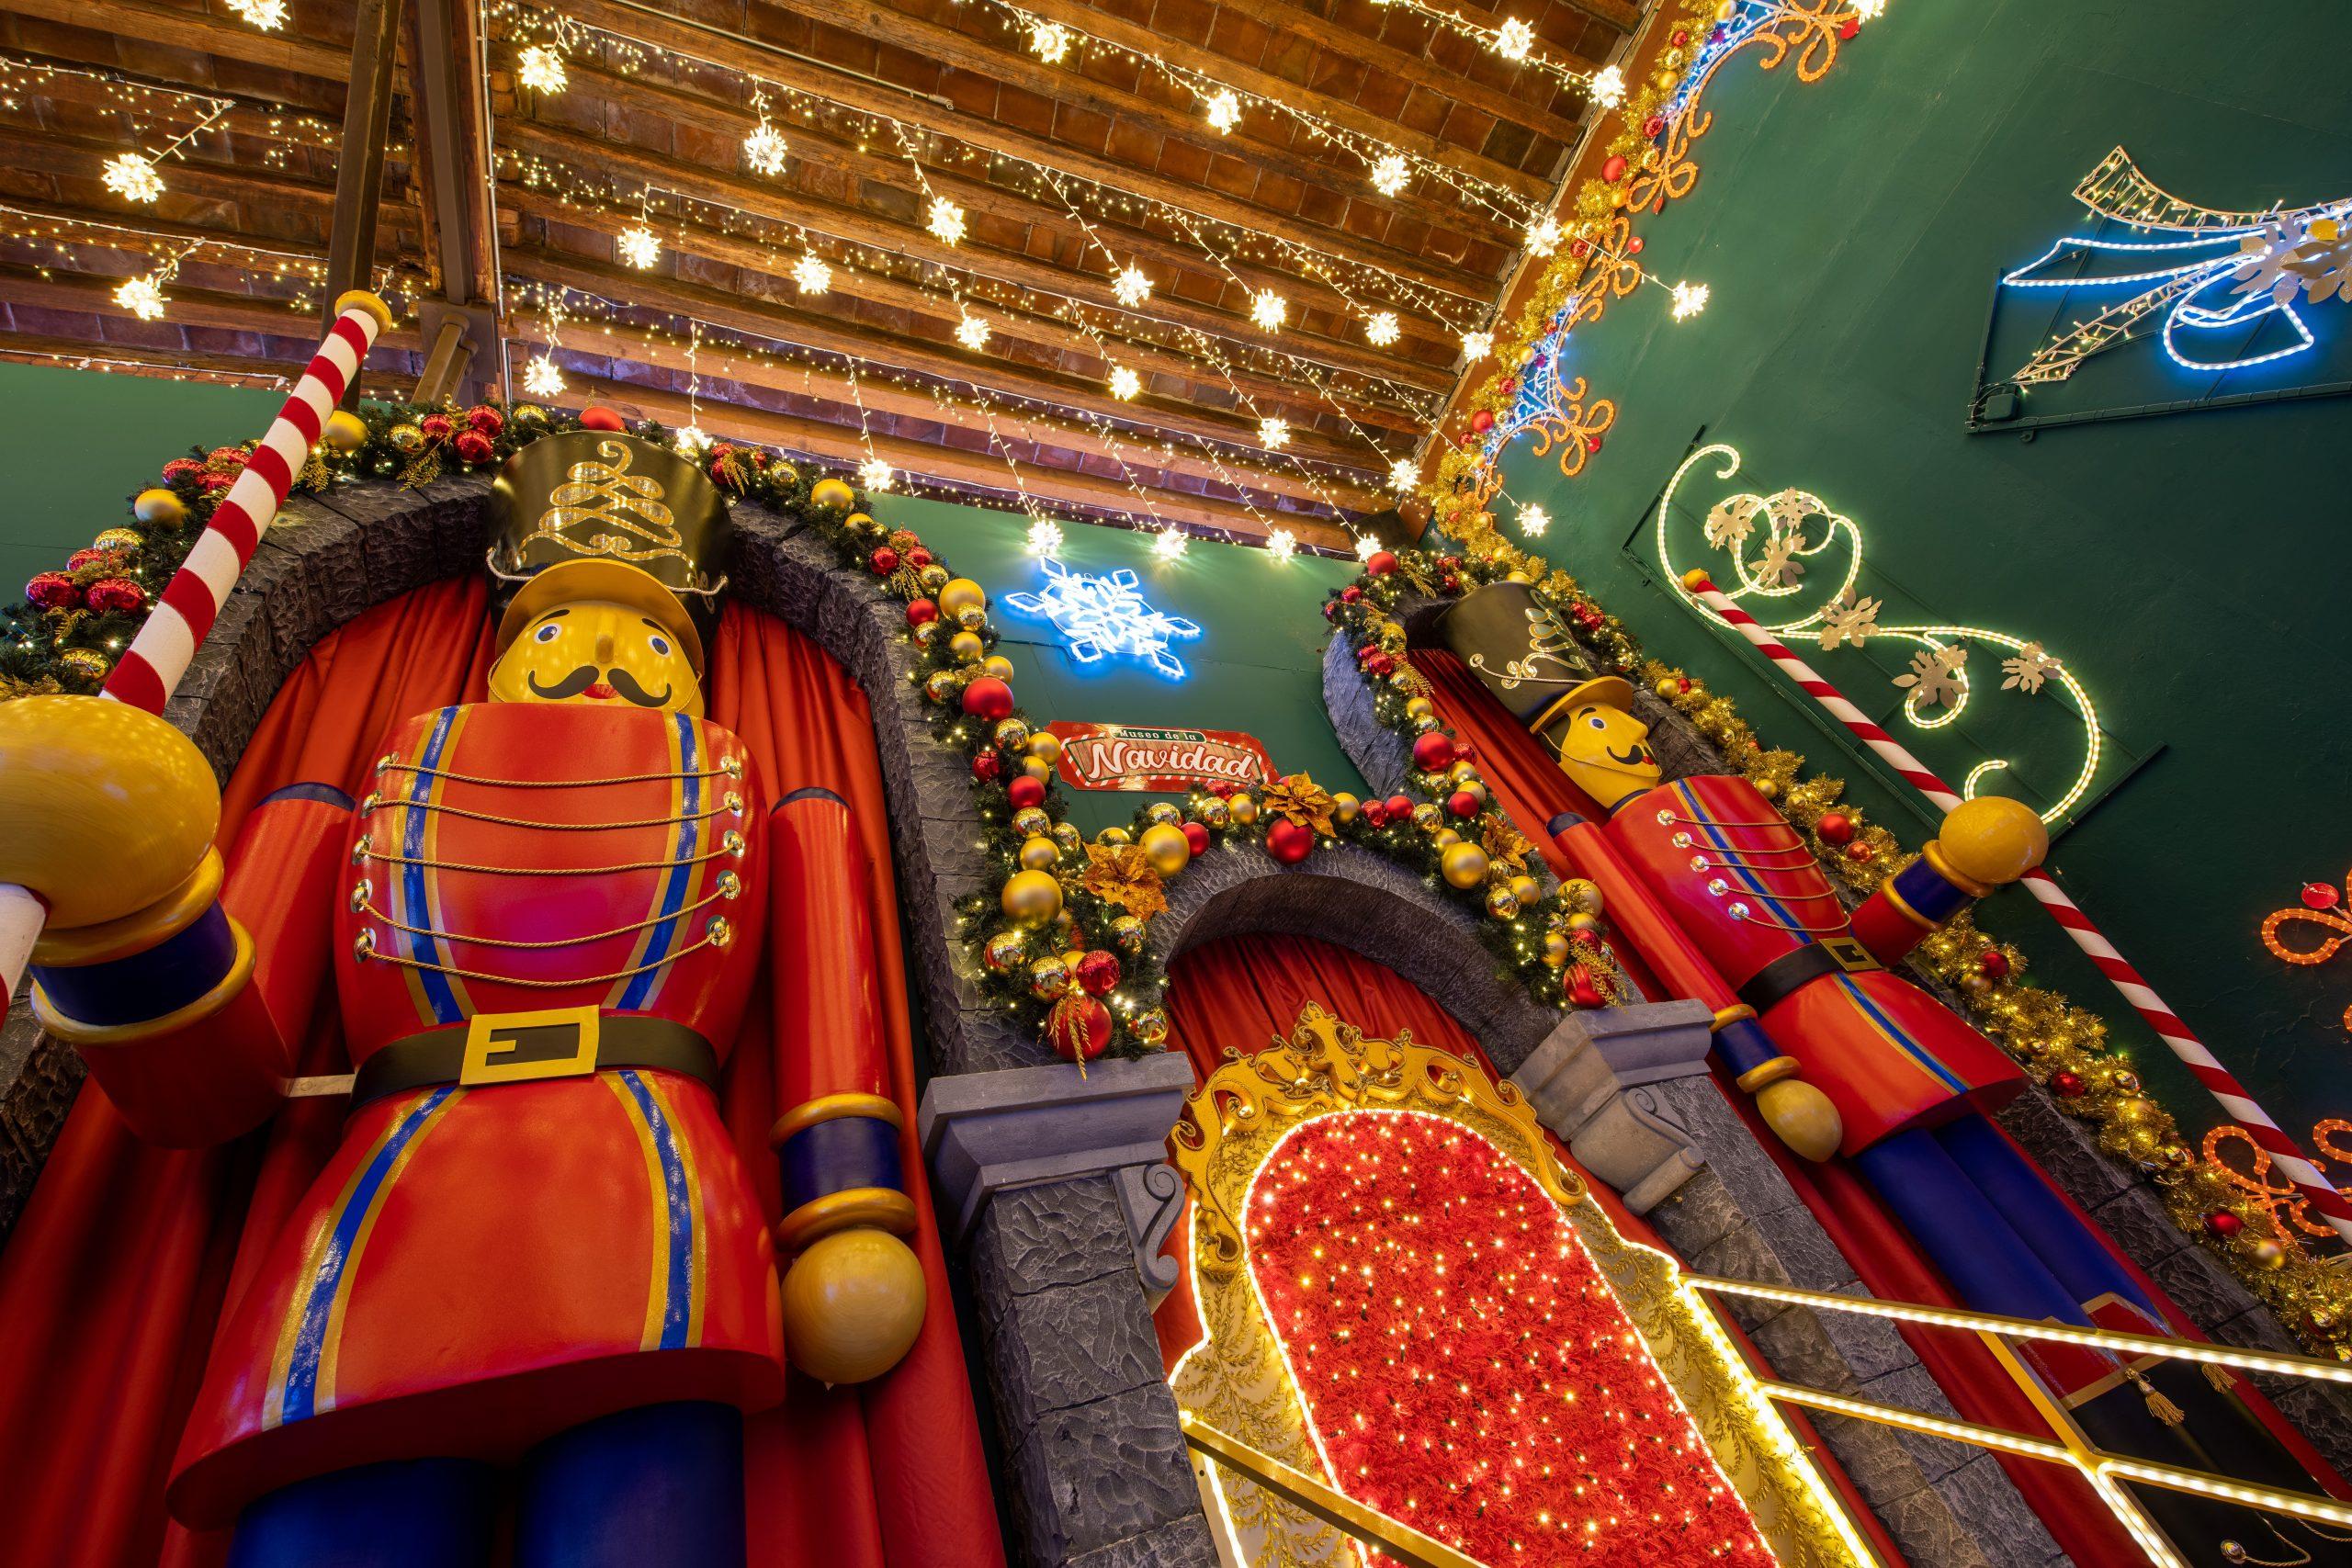 Museo de la Navidad en Atlixco.